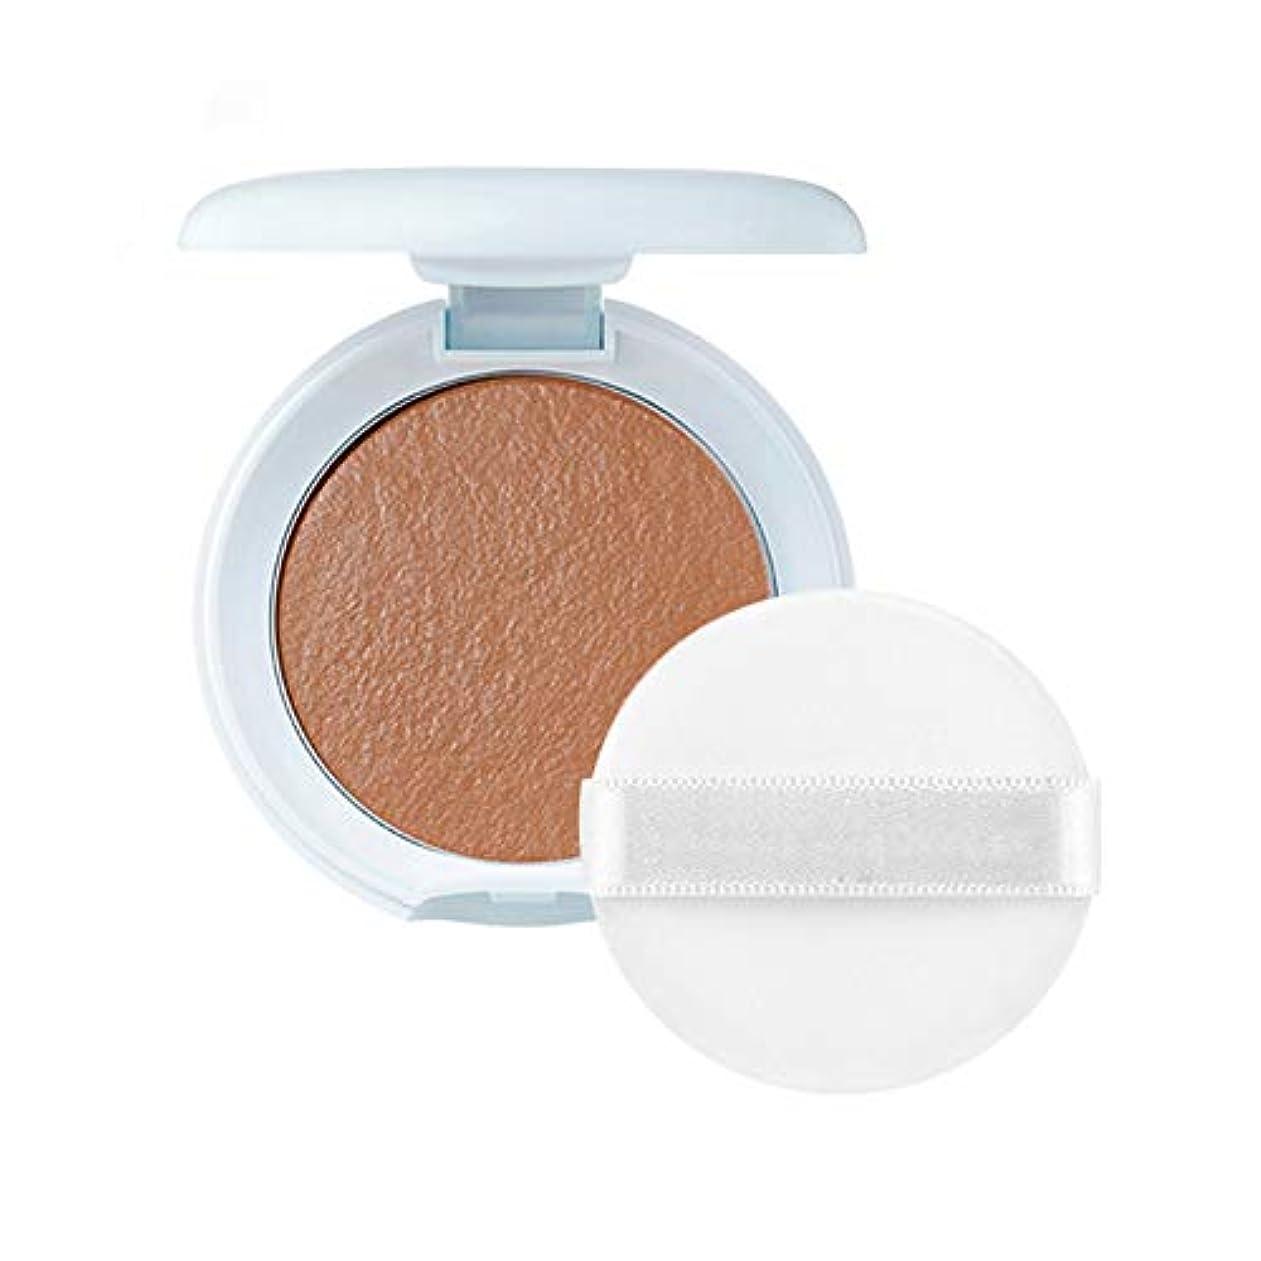 キャスト基礎甘味Cutelove パウダーファンデーション プレスパウダー キラキラ 柔らか 肌の色を明るくする 光沢のある 化粧ファンデーション プレスパウダーファンデーション